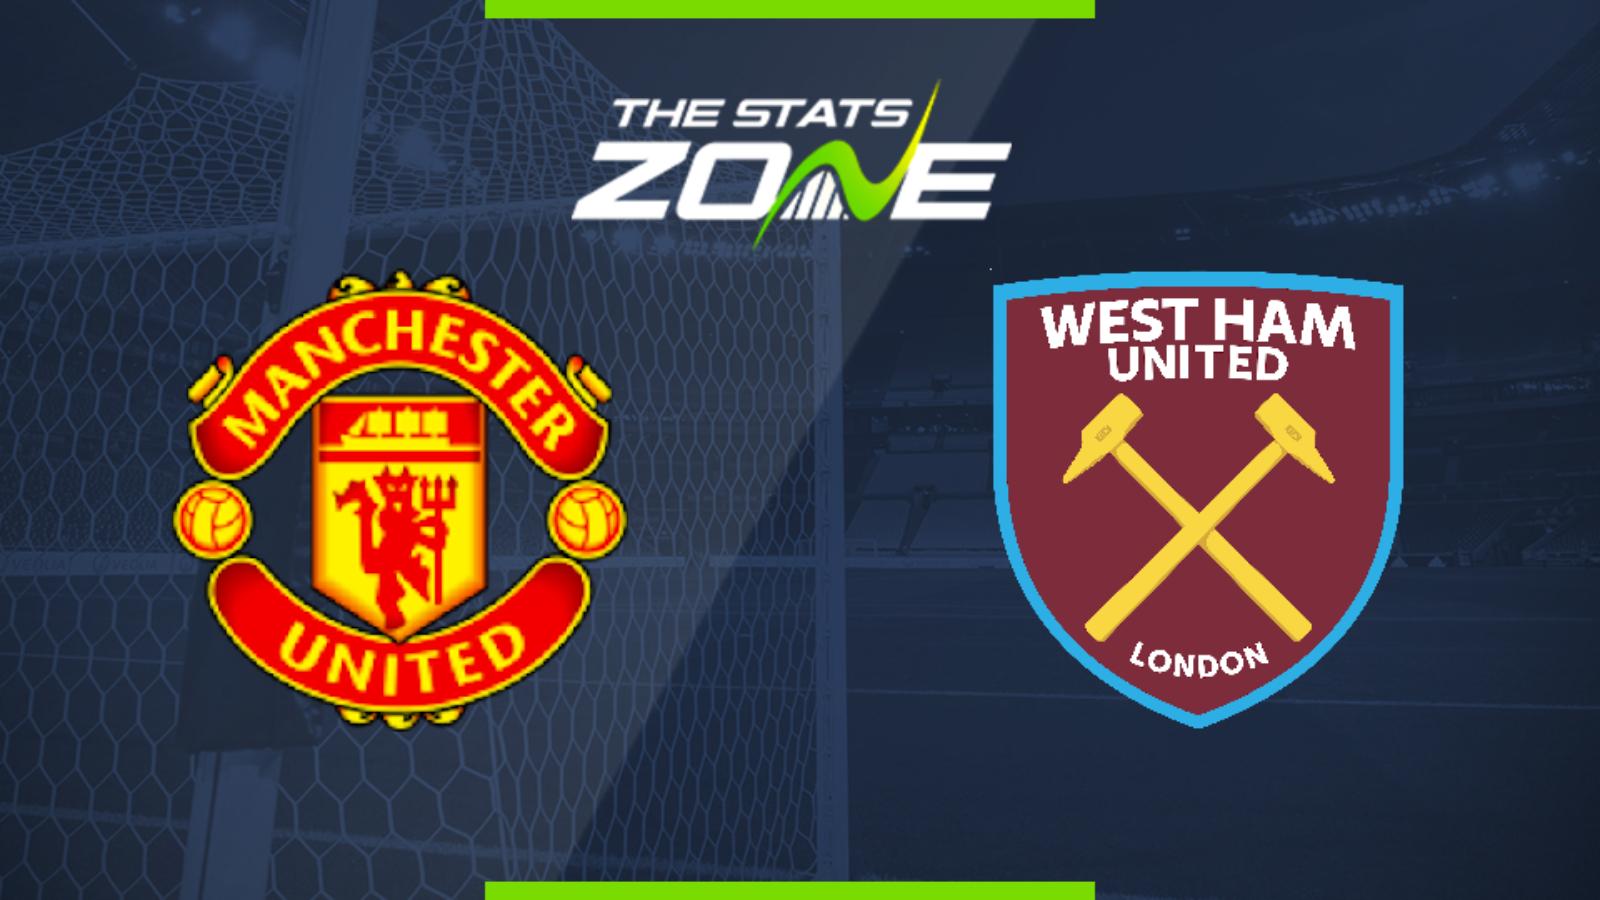 2019 20 Premier League Man Utd Vs West Ham Preview Prediction The Stats Zone